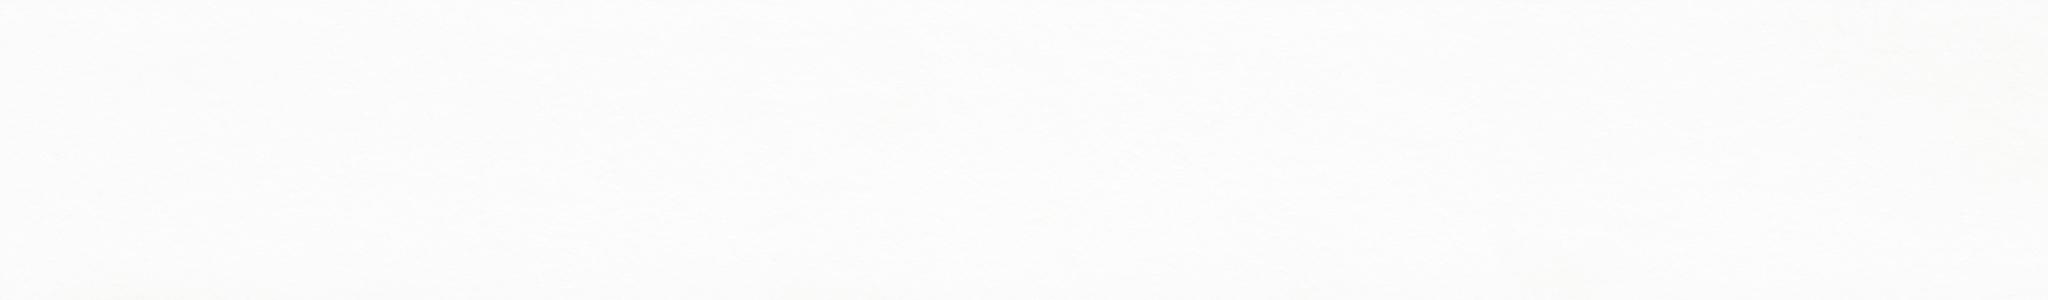 HU 30140 lamino hrana bílá blinda hladká